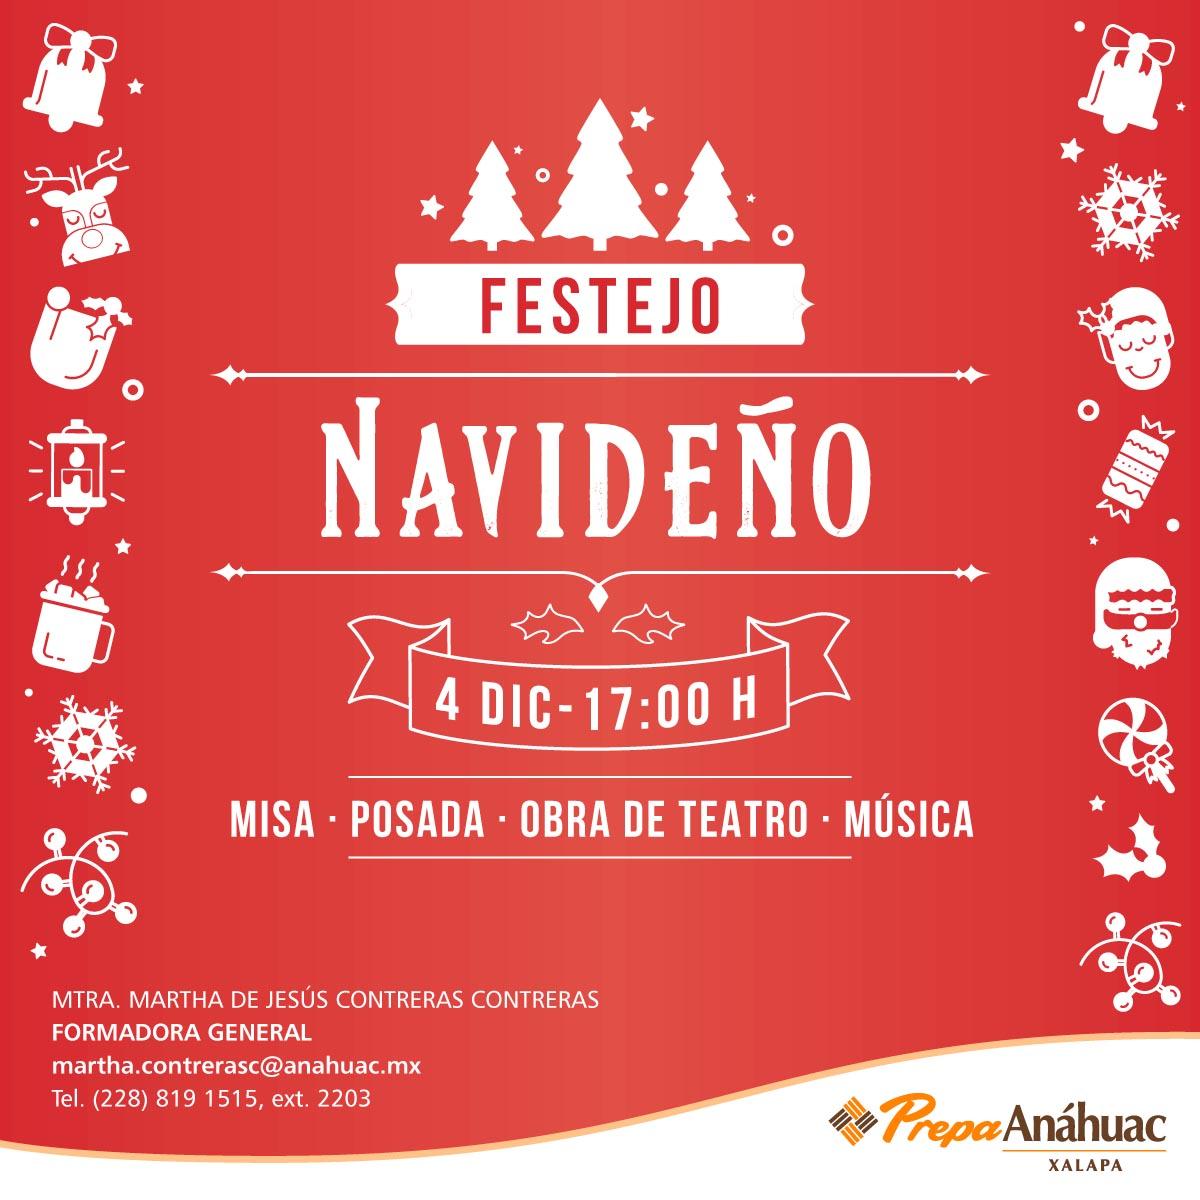 Festejo Navideño 2019